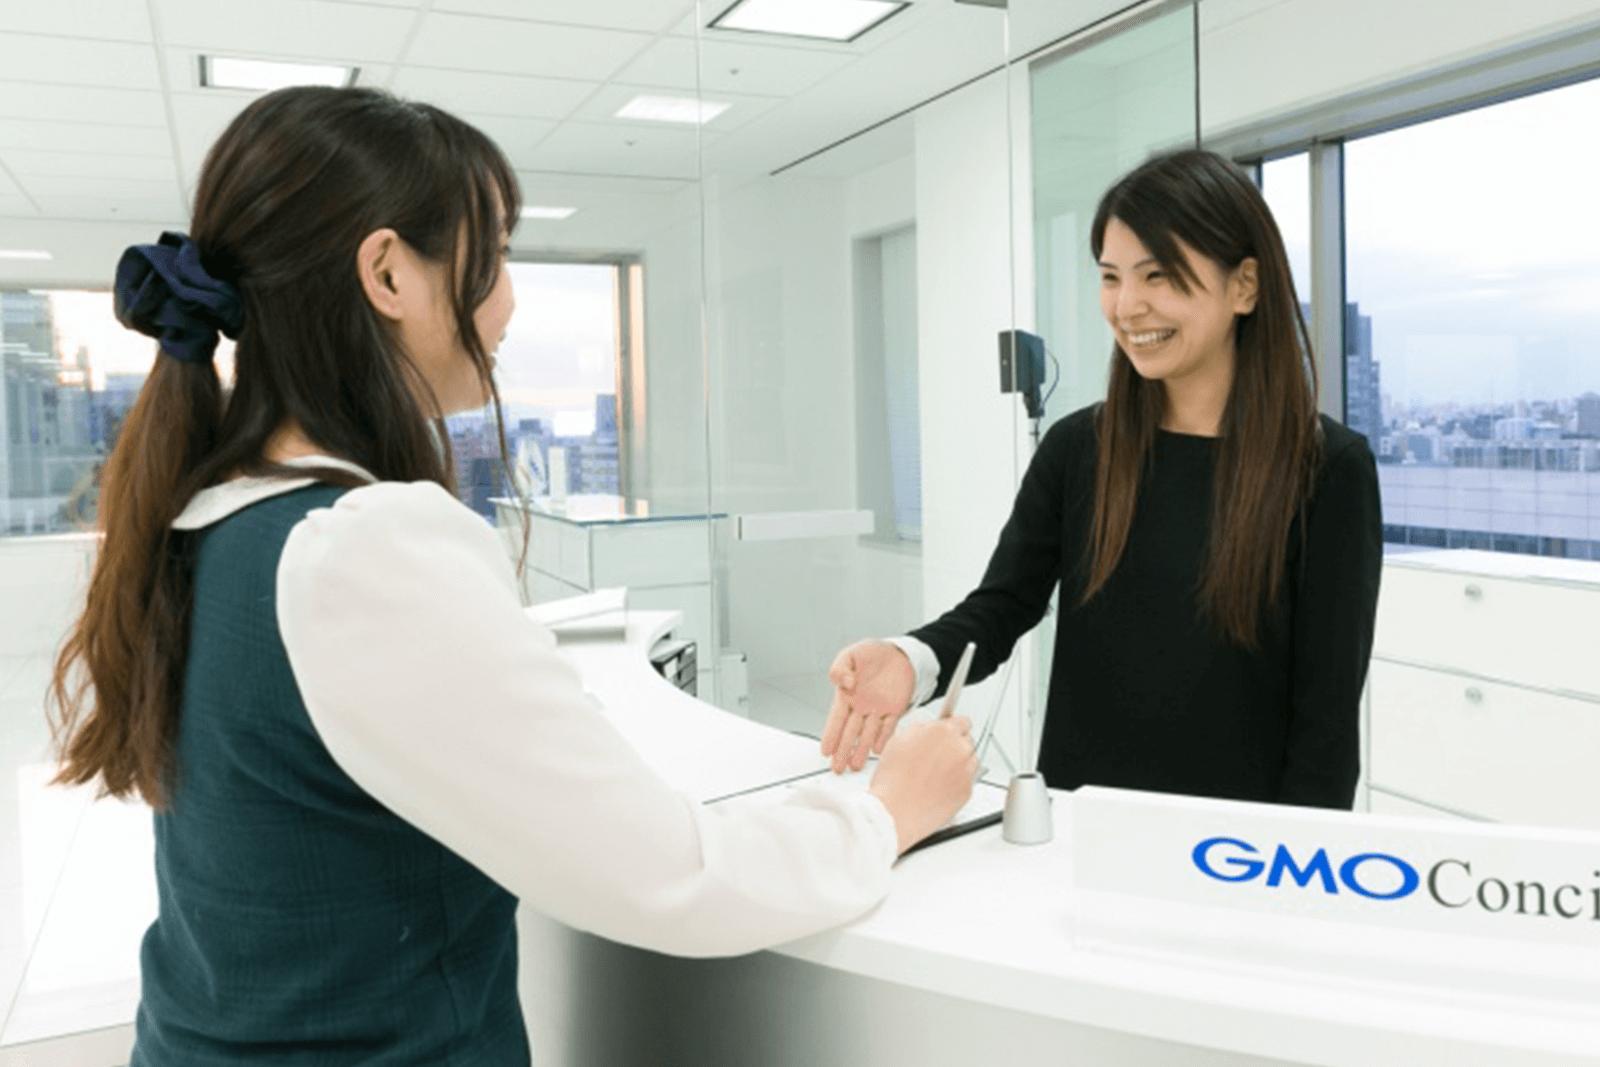 コンシェルジュサービス GMO Concierge